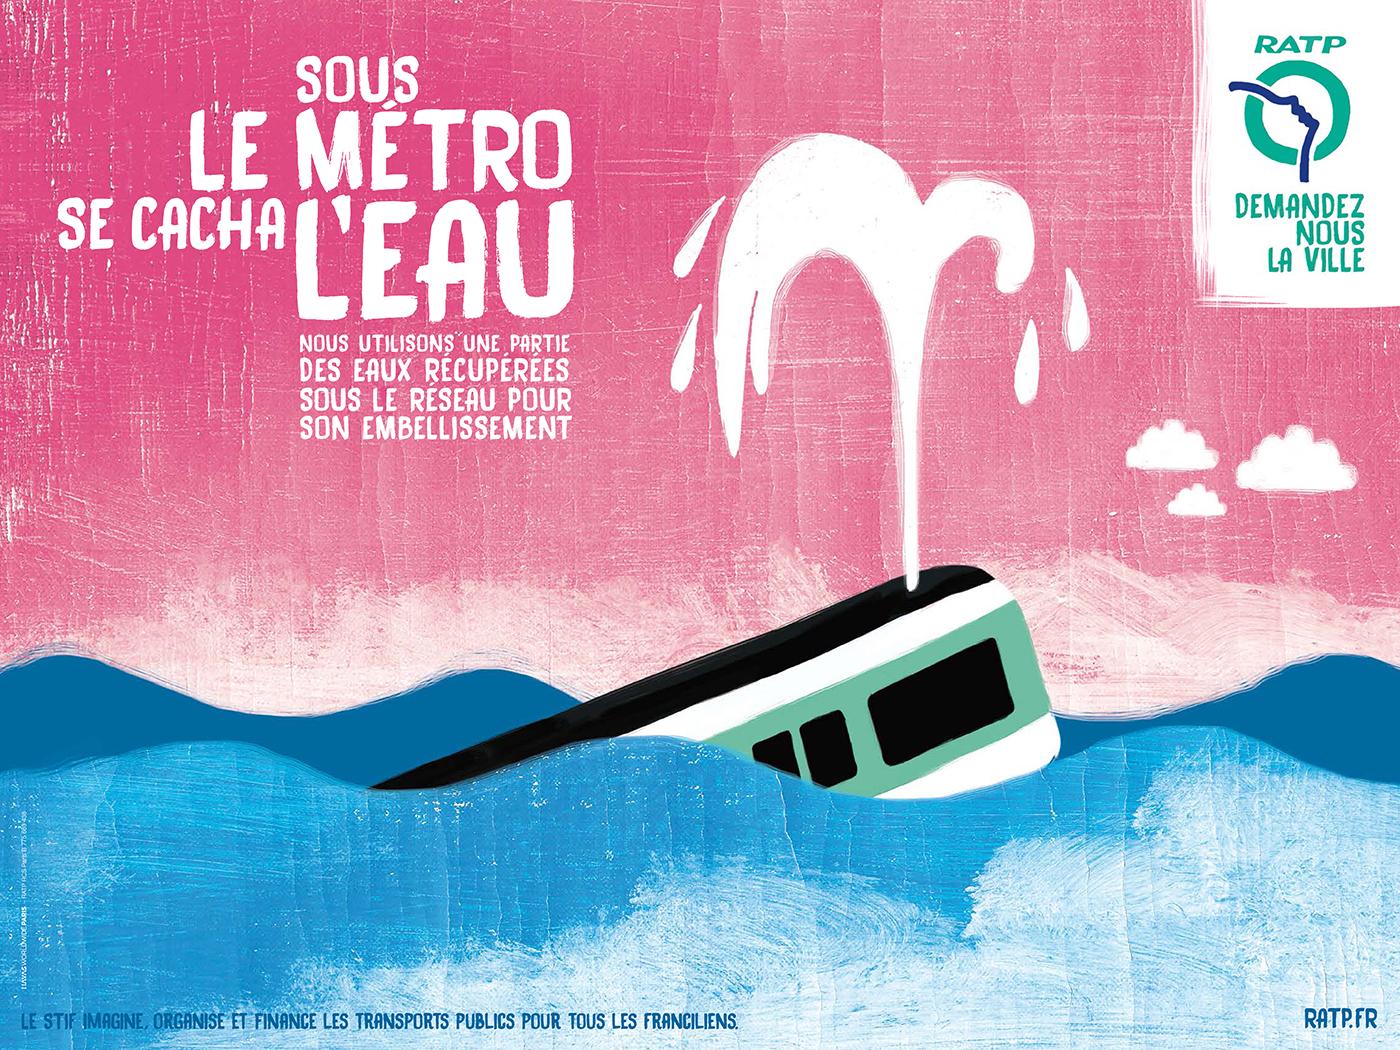 ratp-publicite-affichage-environnement-COP21-STIF-franciliens-demandez-nous-la-ville-agence-havas-paris-3